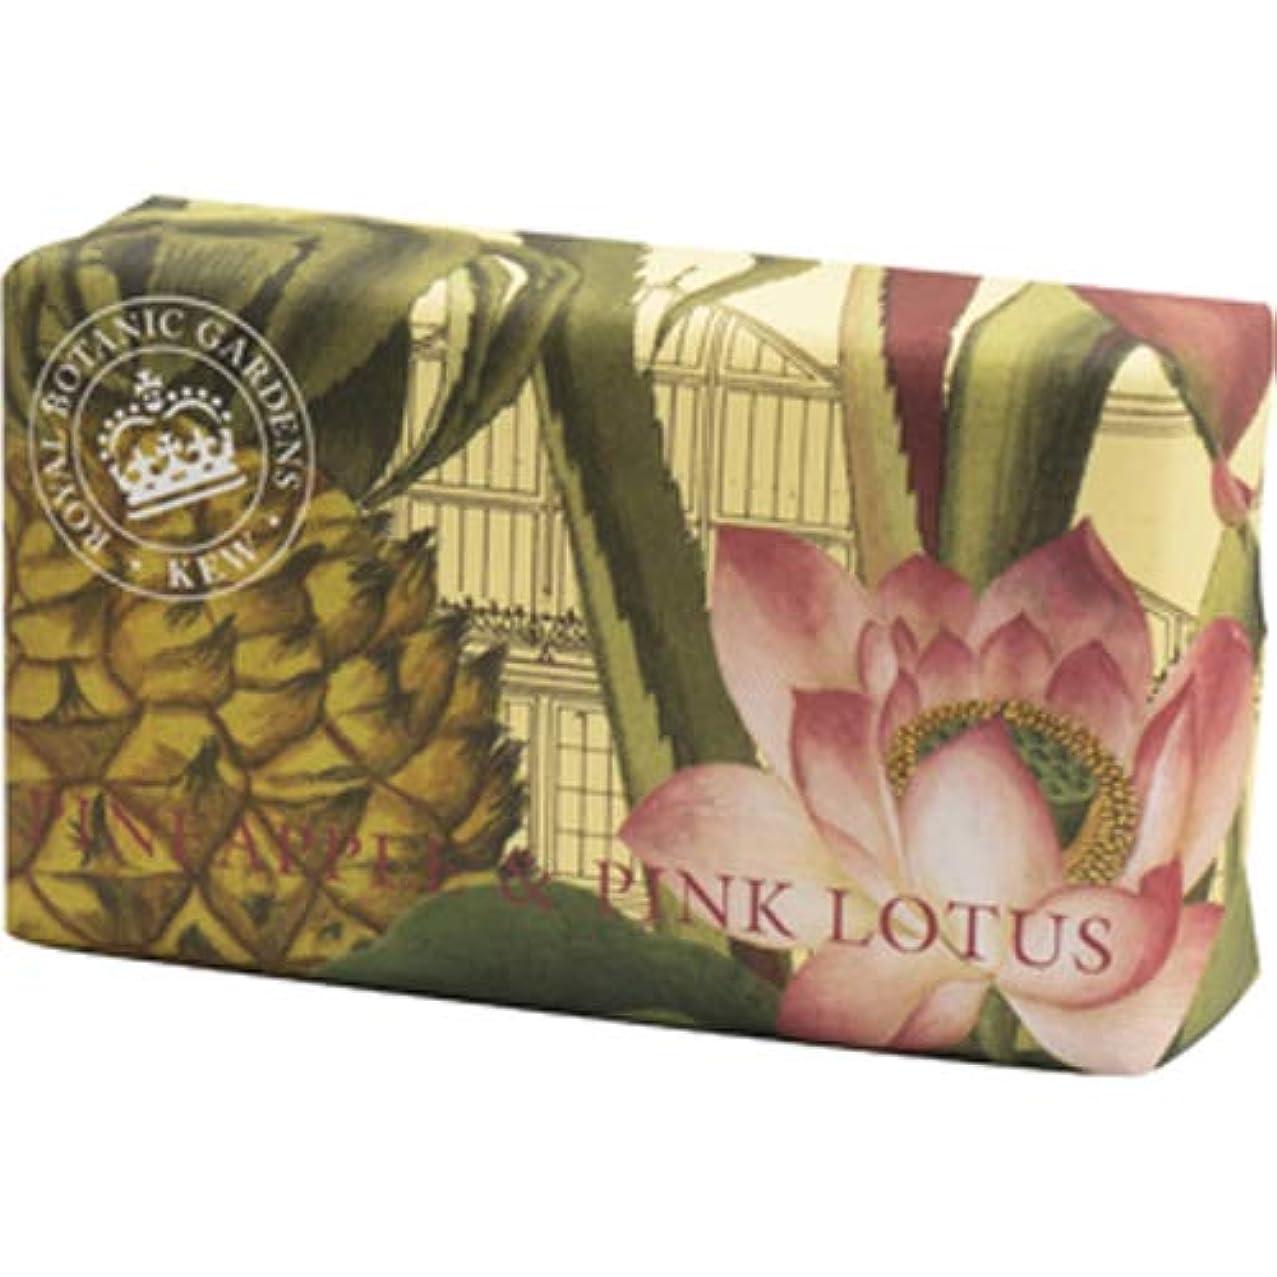 来てピーク移民English Soap Company イングリッシュソープカンパニー KEW GARDEN キュー?ガーデン Luxury Shea Soaps シアソープ Pineapple & Pink Lotus パイナップル...